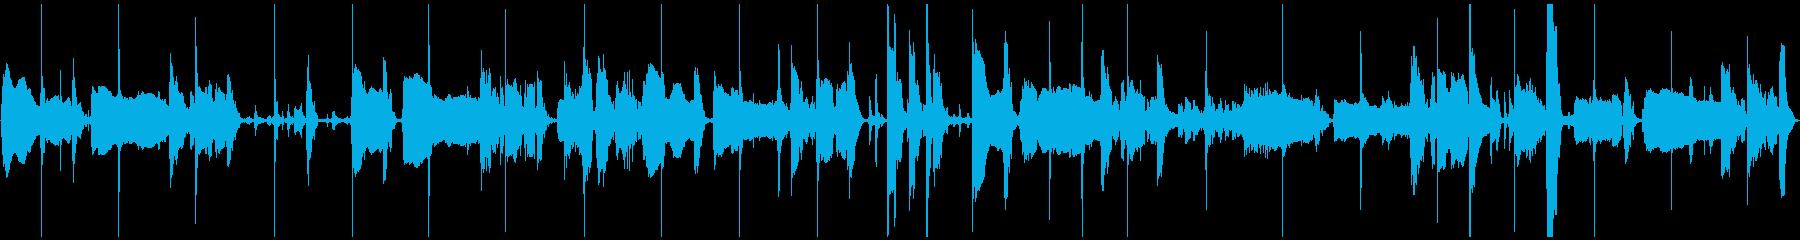 サラサラ ジャズ フュージョン ブ...の再生済みの波形